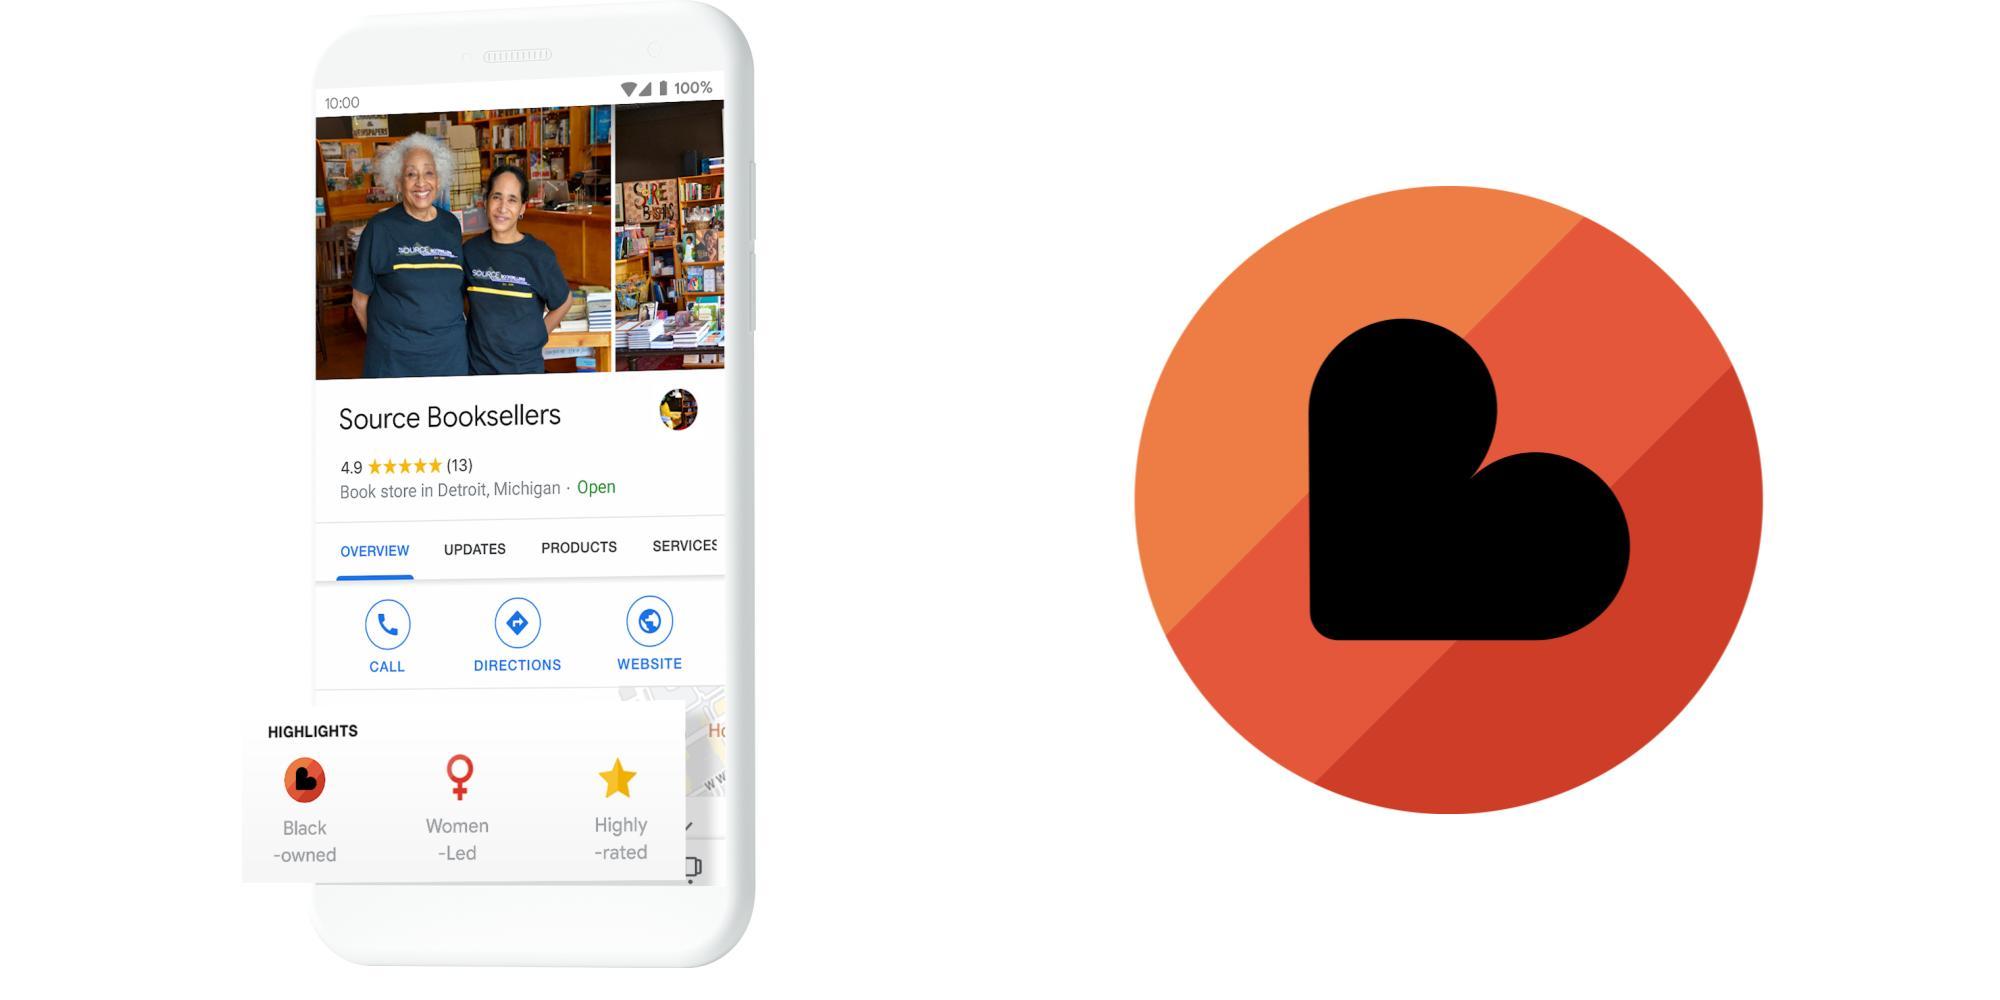 Das neue Logo für Black-owned Businesses findest Du zukünftig in den Highlights des jeweiligen Google My Business-Eintrags. Bei dem Logo handelt es sich um einen Kreis mit drei Streifen in unterschiedlichen Orange-Tönen und einem schwarzen Herz in der Mitte.